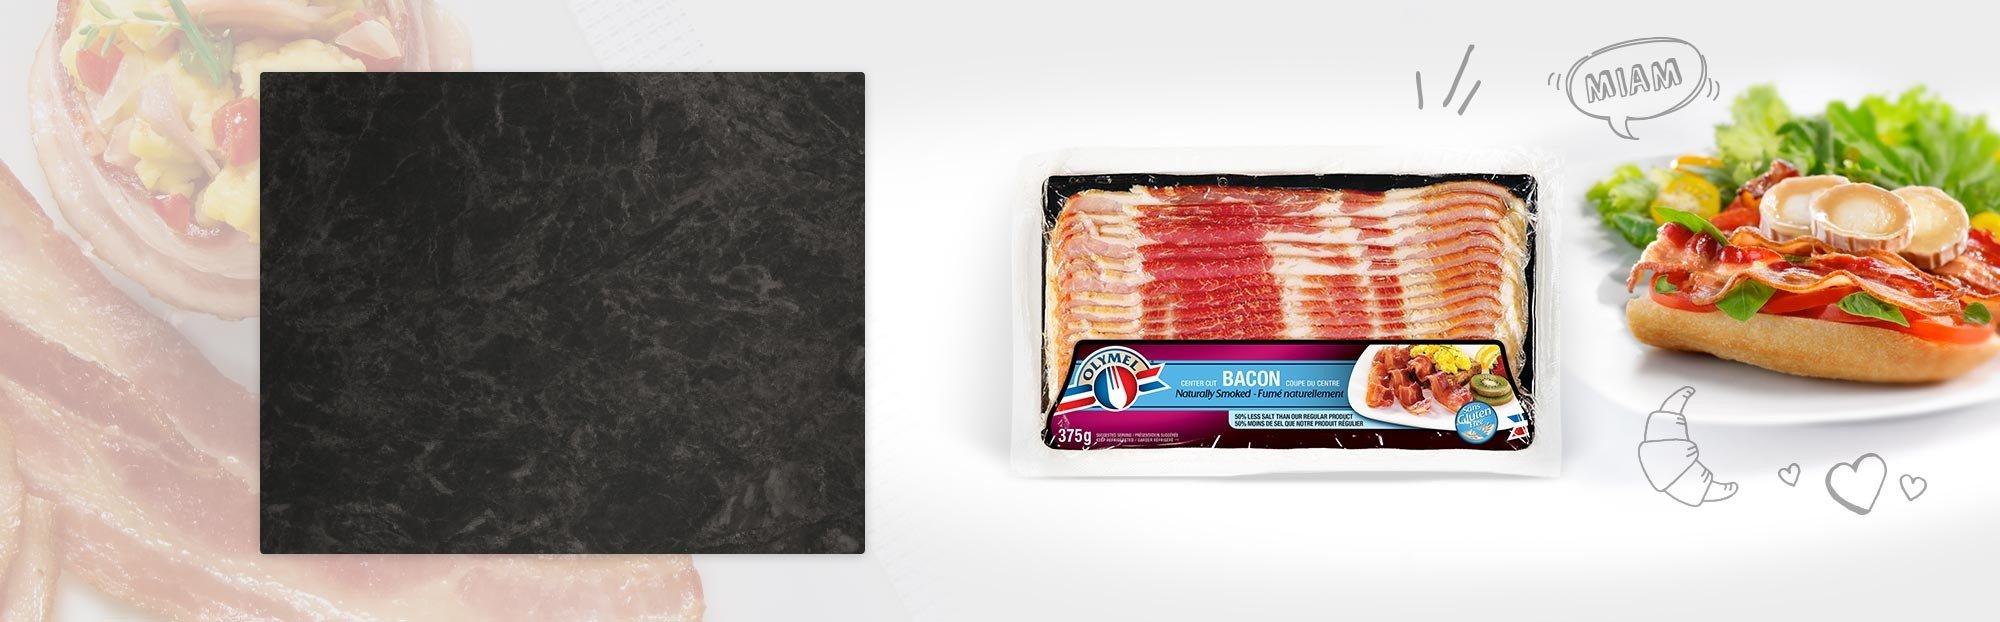 Bacon fumé naturellement 33% moins de sel